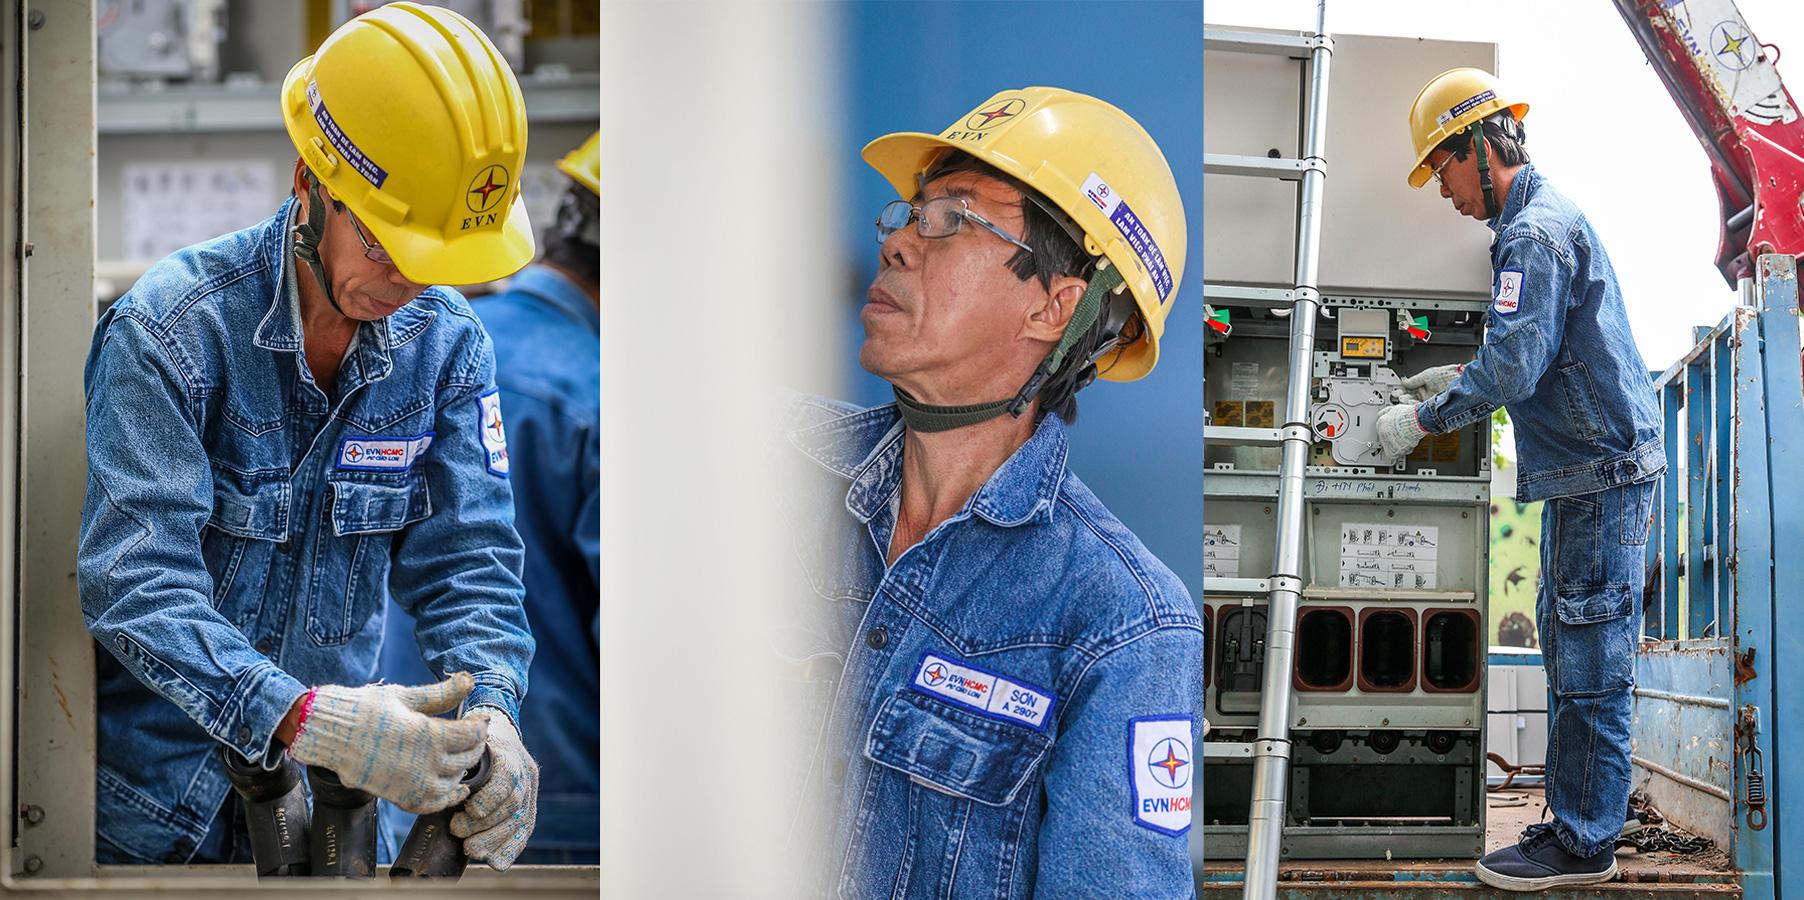 [eMagazine] Ngày thường của thợ điện Anh hùng lao động - Ảnh 7.